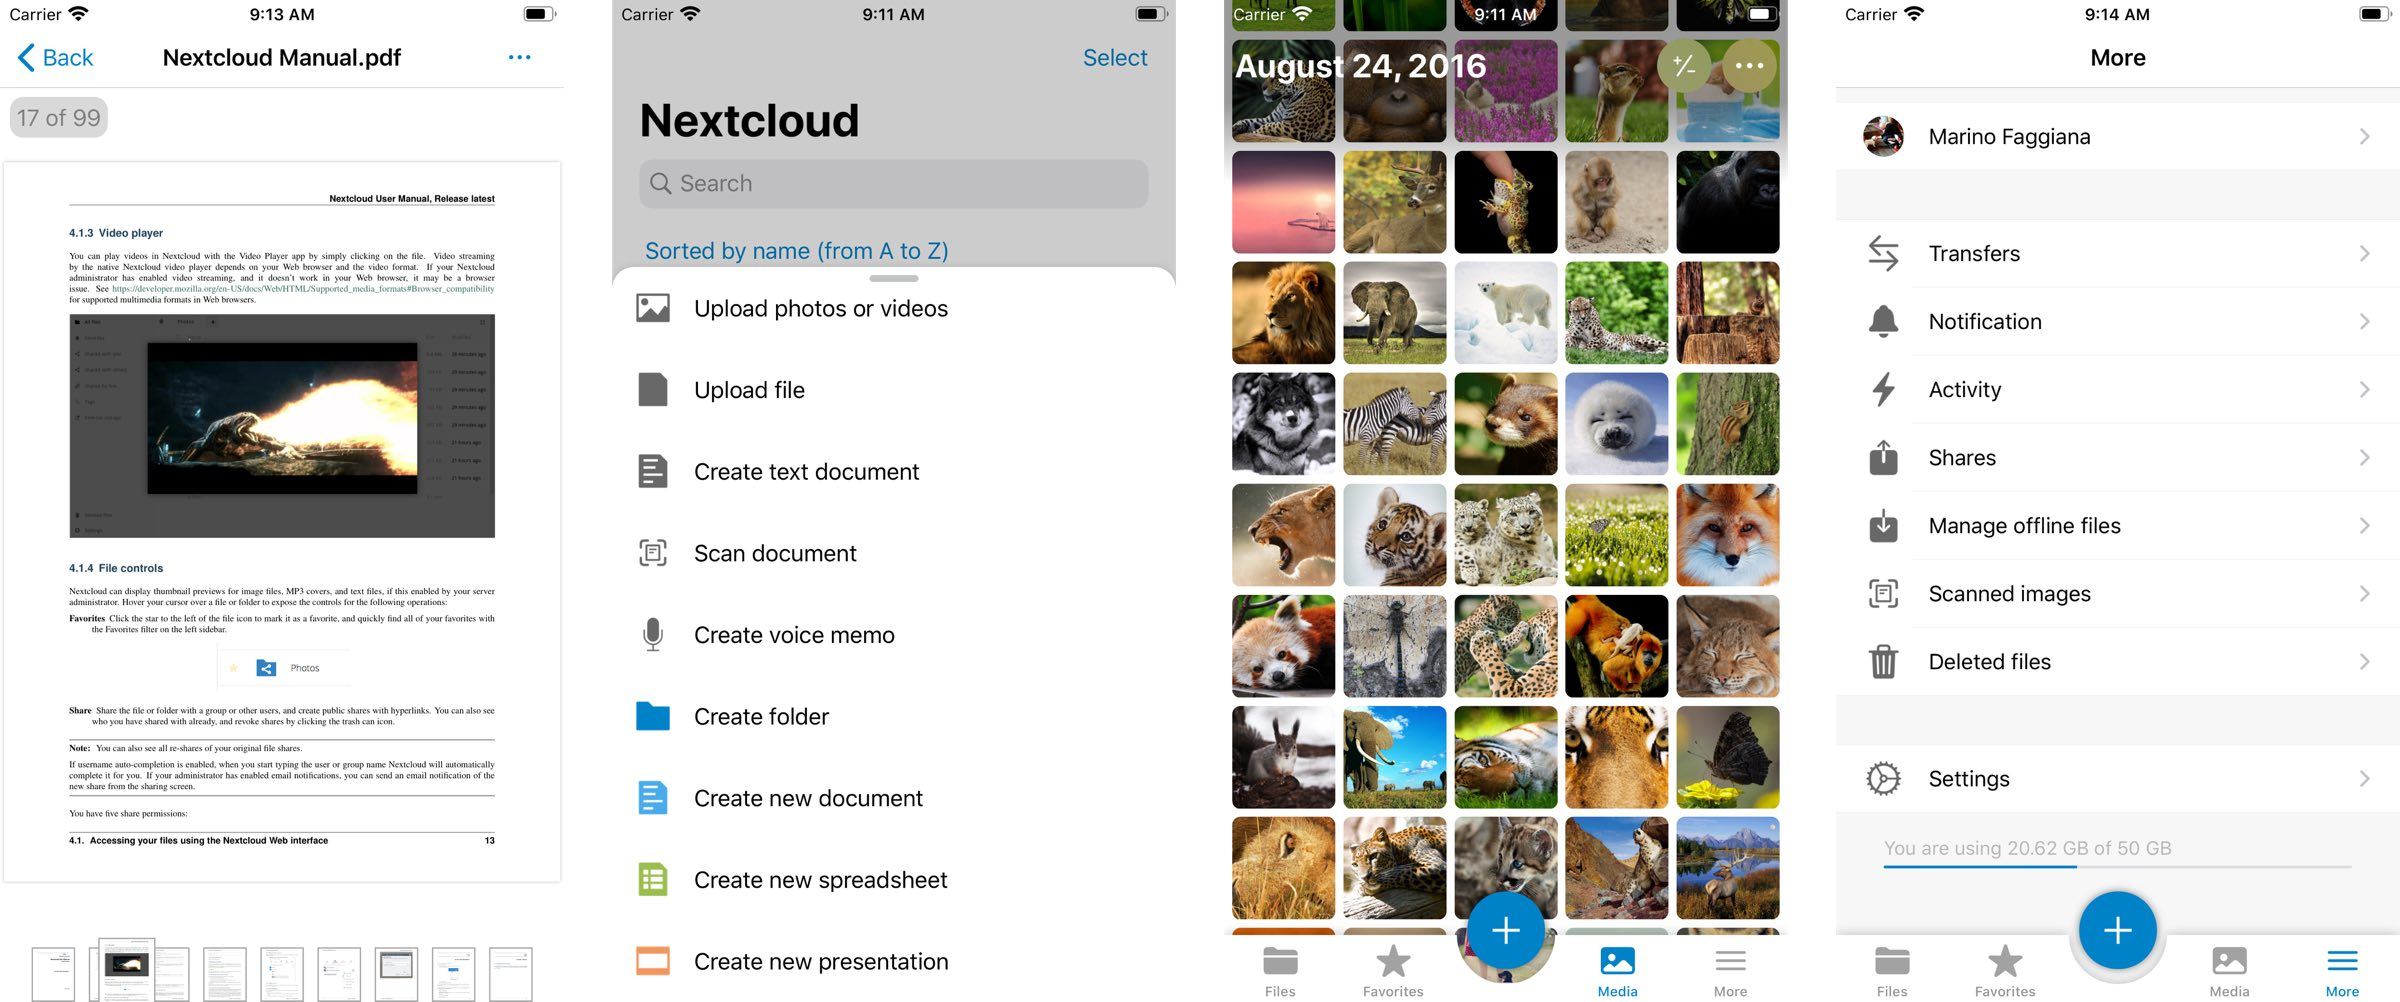 Nextcloud screenshots